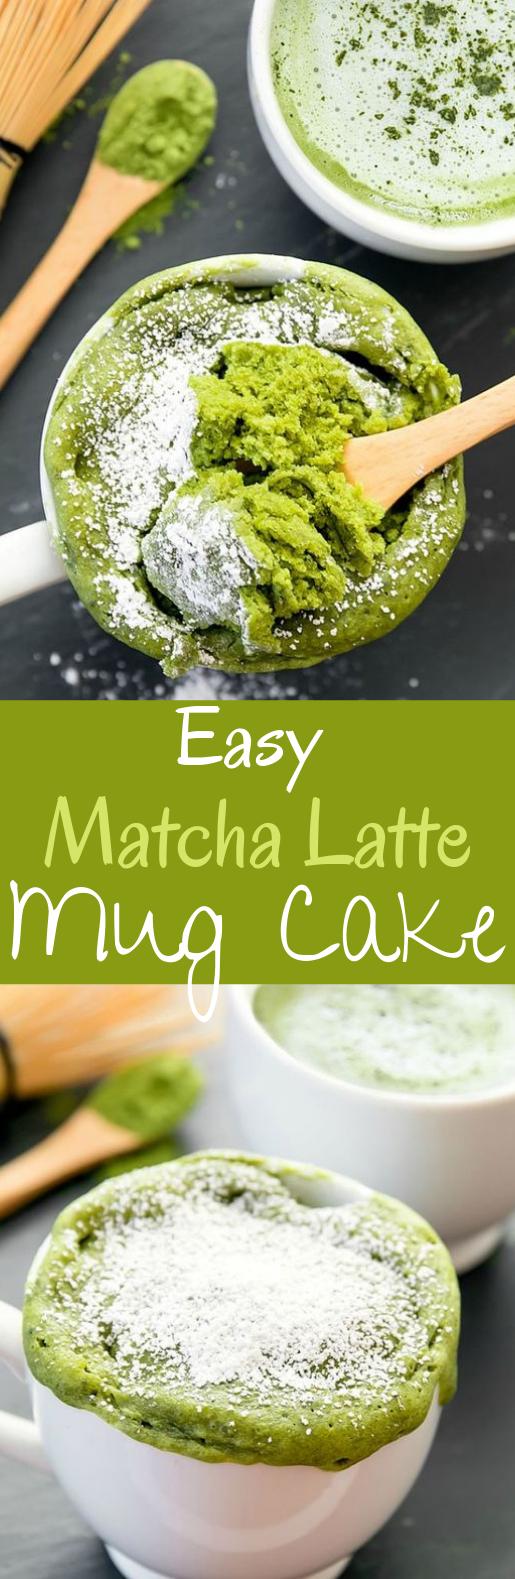 Matcha Latte Mug Cake #desserts #cake